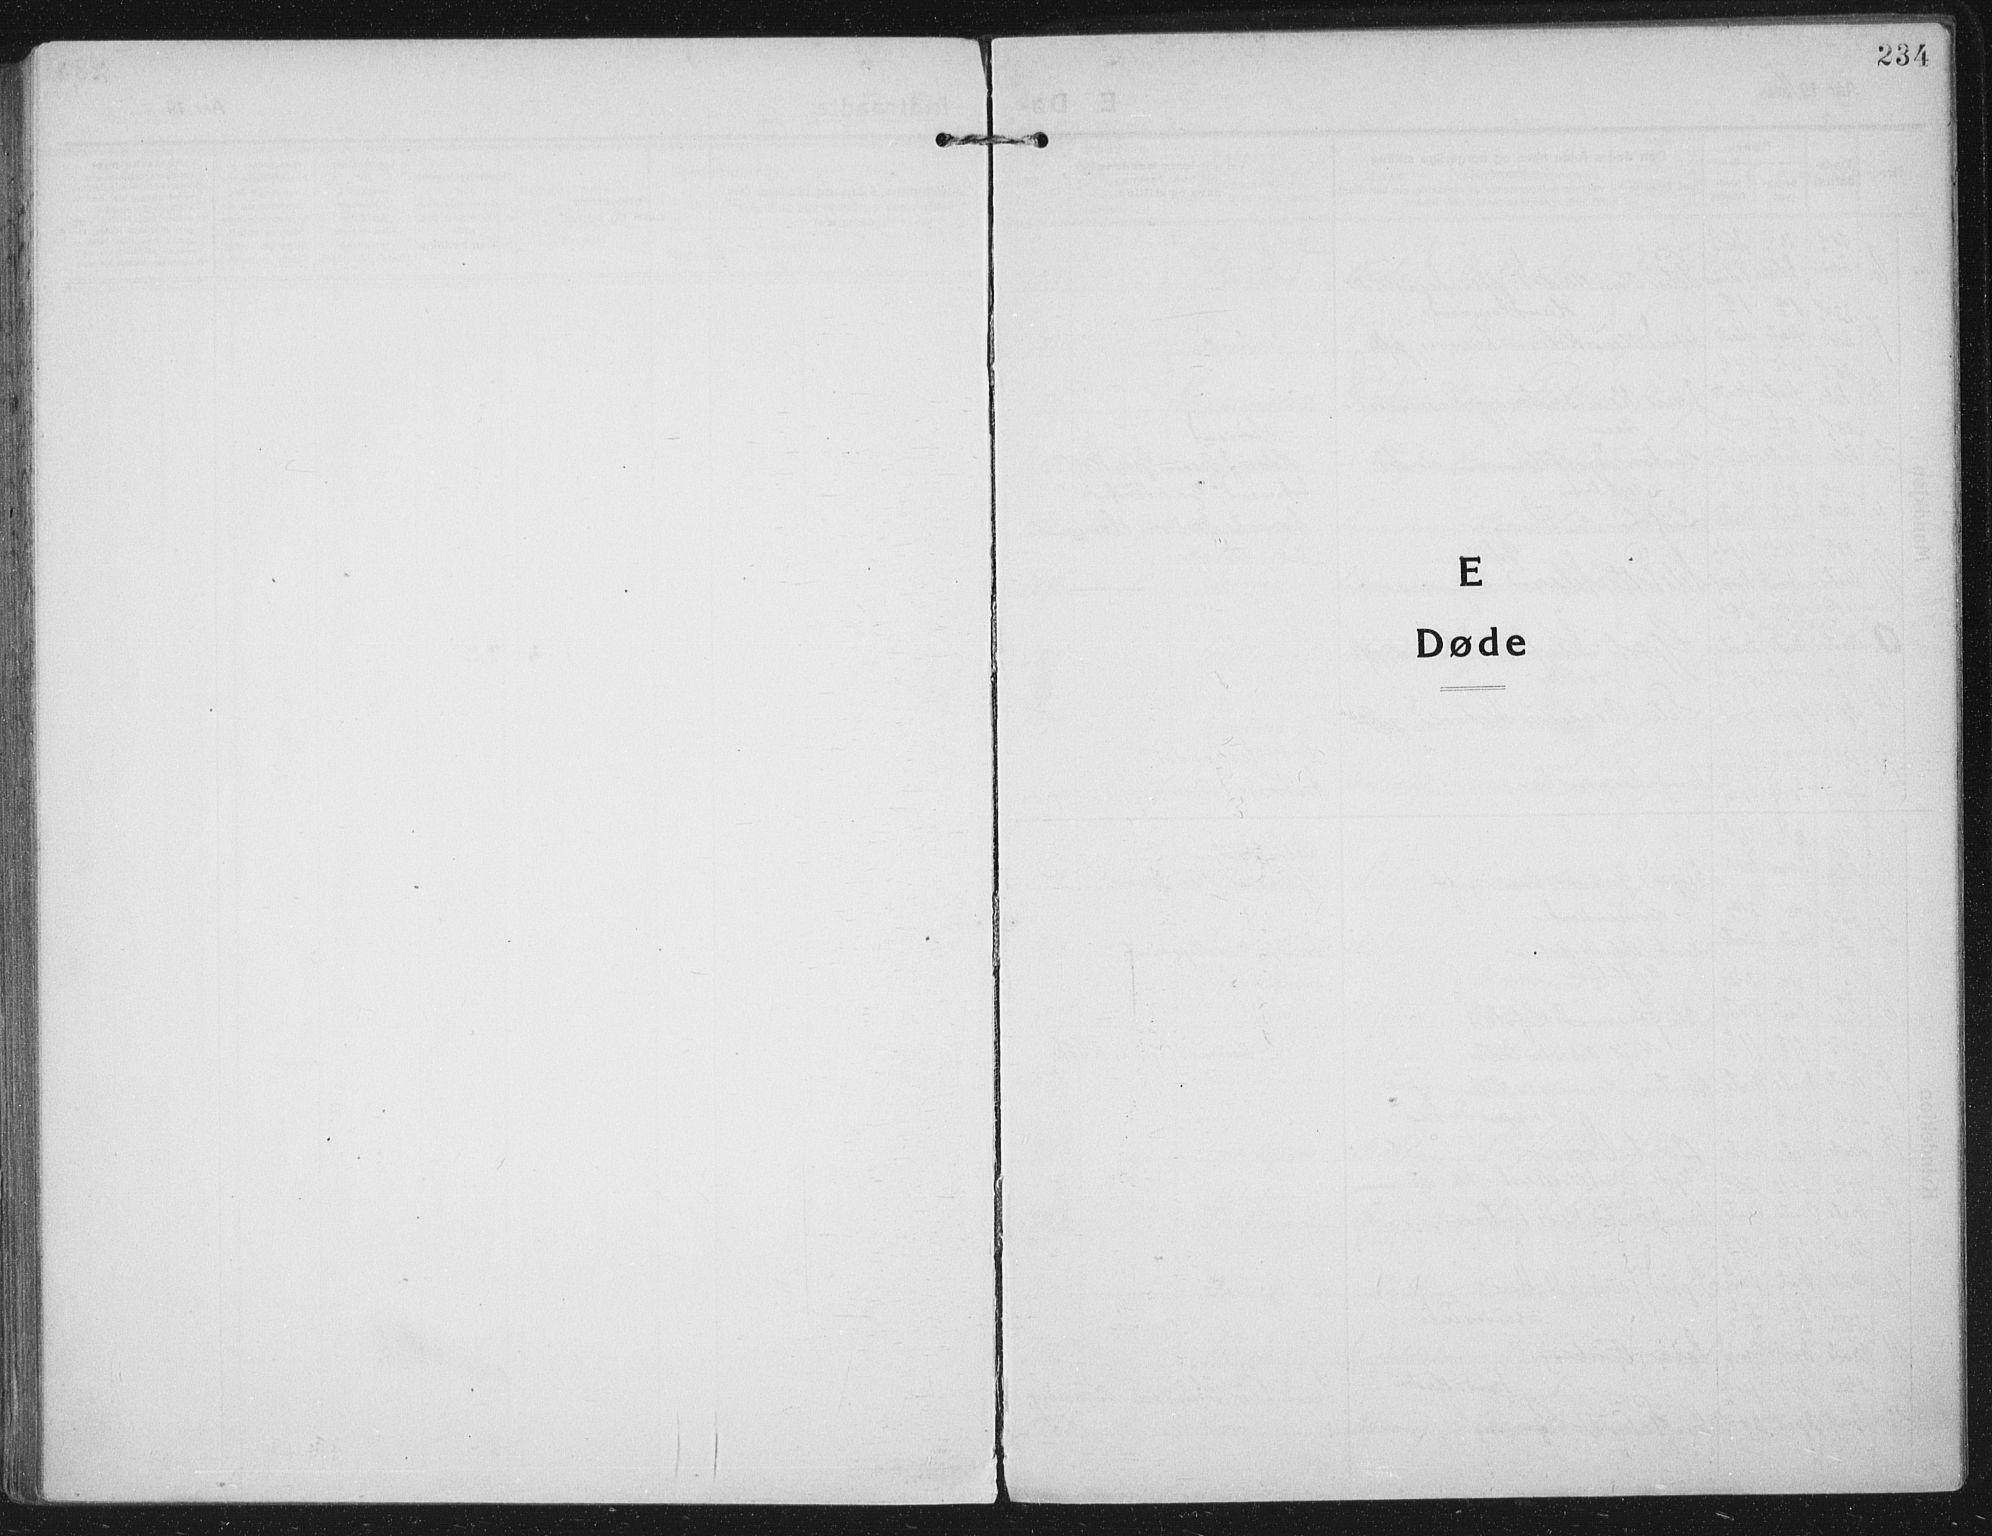 SAT, Ministerialprotokoller, klokkerbøker og fødselsregistre - Nord-Trøndelag, 709/L0083: Ministerialbok nr. 709A23, 1916-1928, s. 234